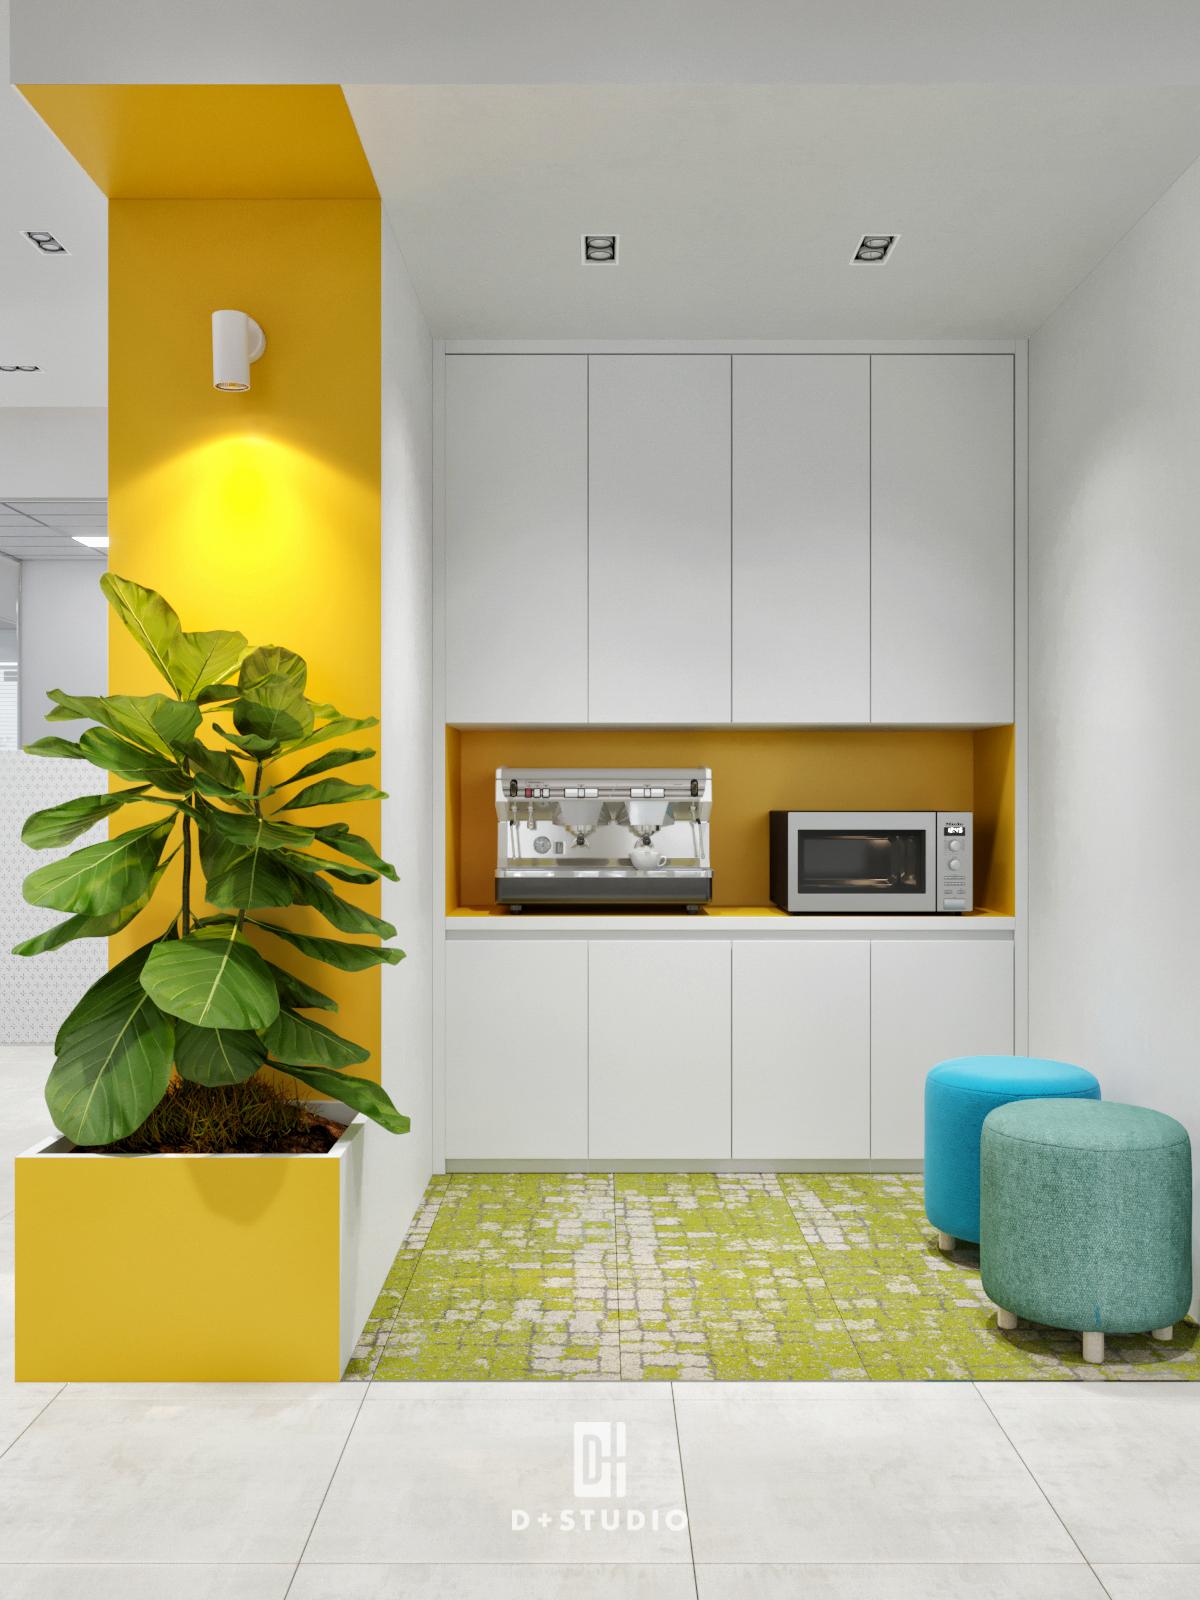 Khu vực pantry của Aspaces sử dụng tông chủ đạo là màu vàng tạo cảm giác ấm áp, thư giãn đẩy lùi cảm xúc tiêu cực, làm mới lại bản thân